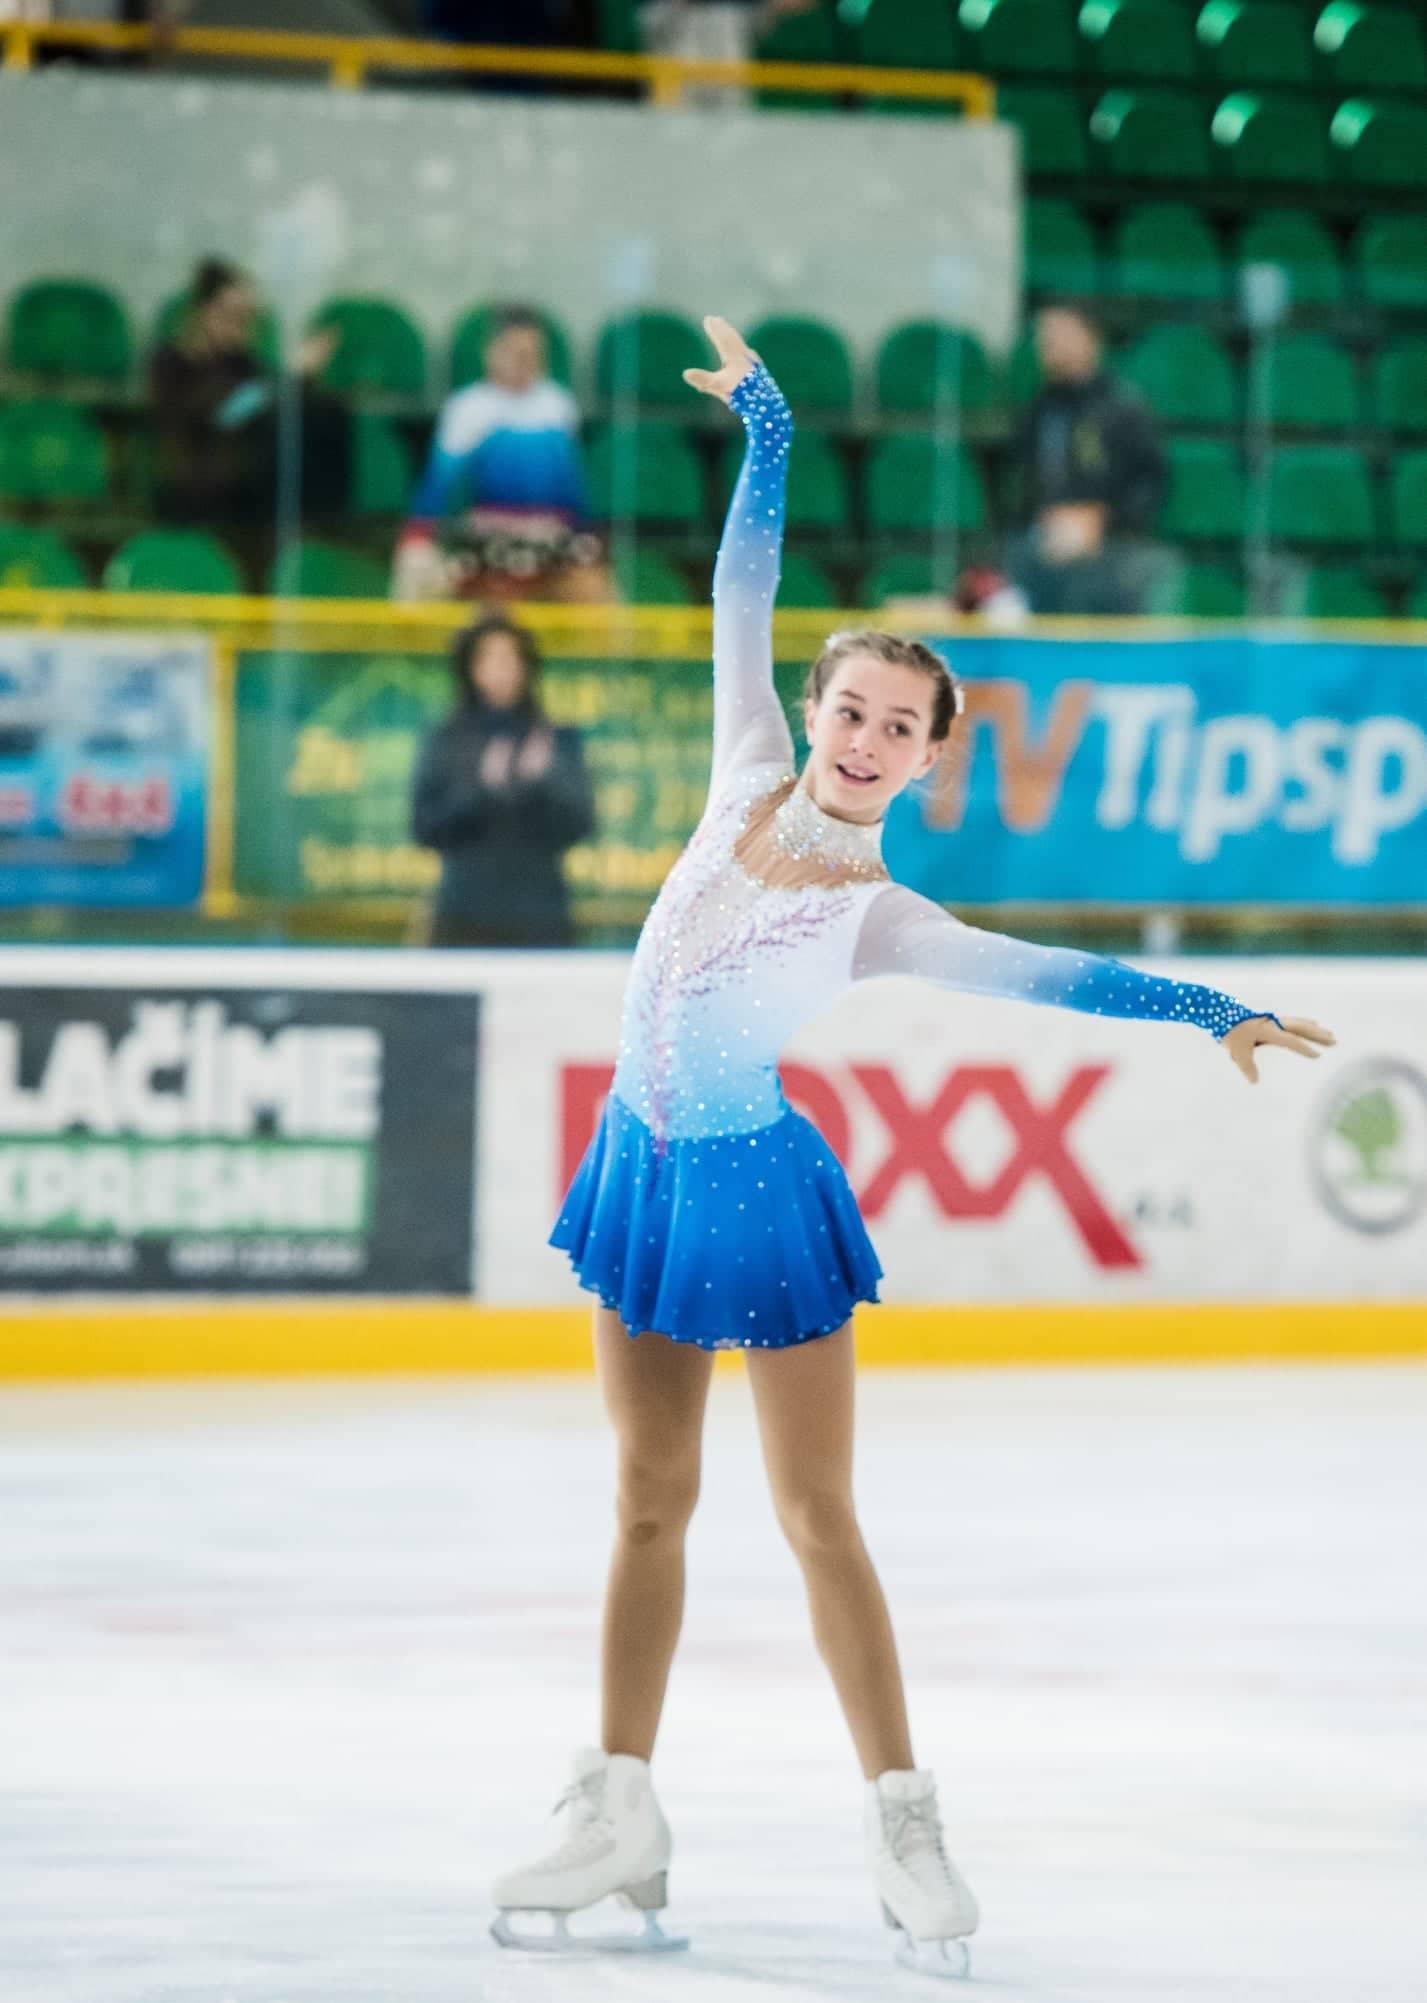 selmekova 03